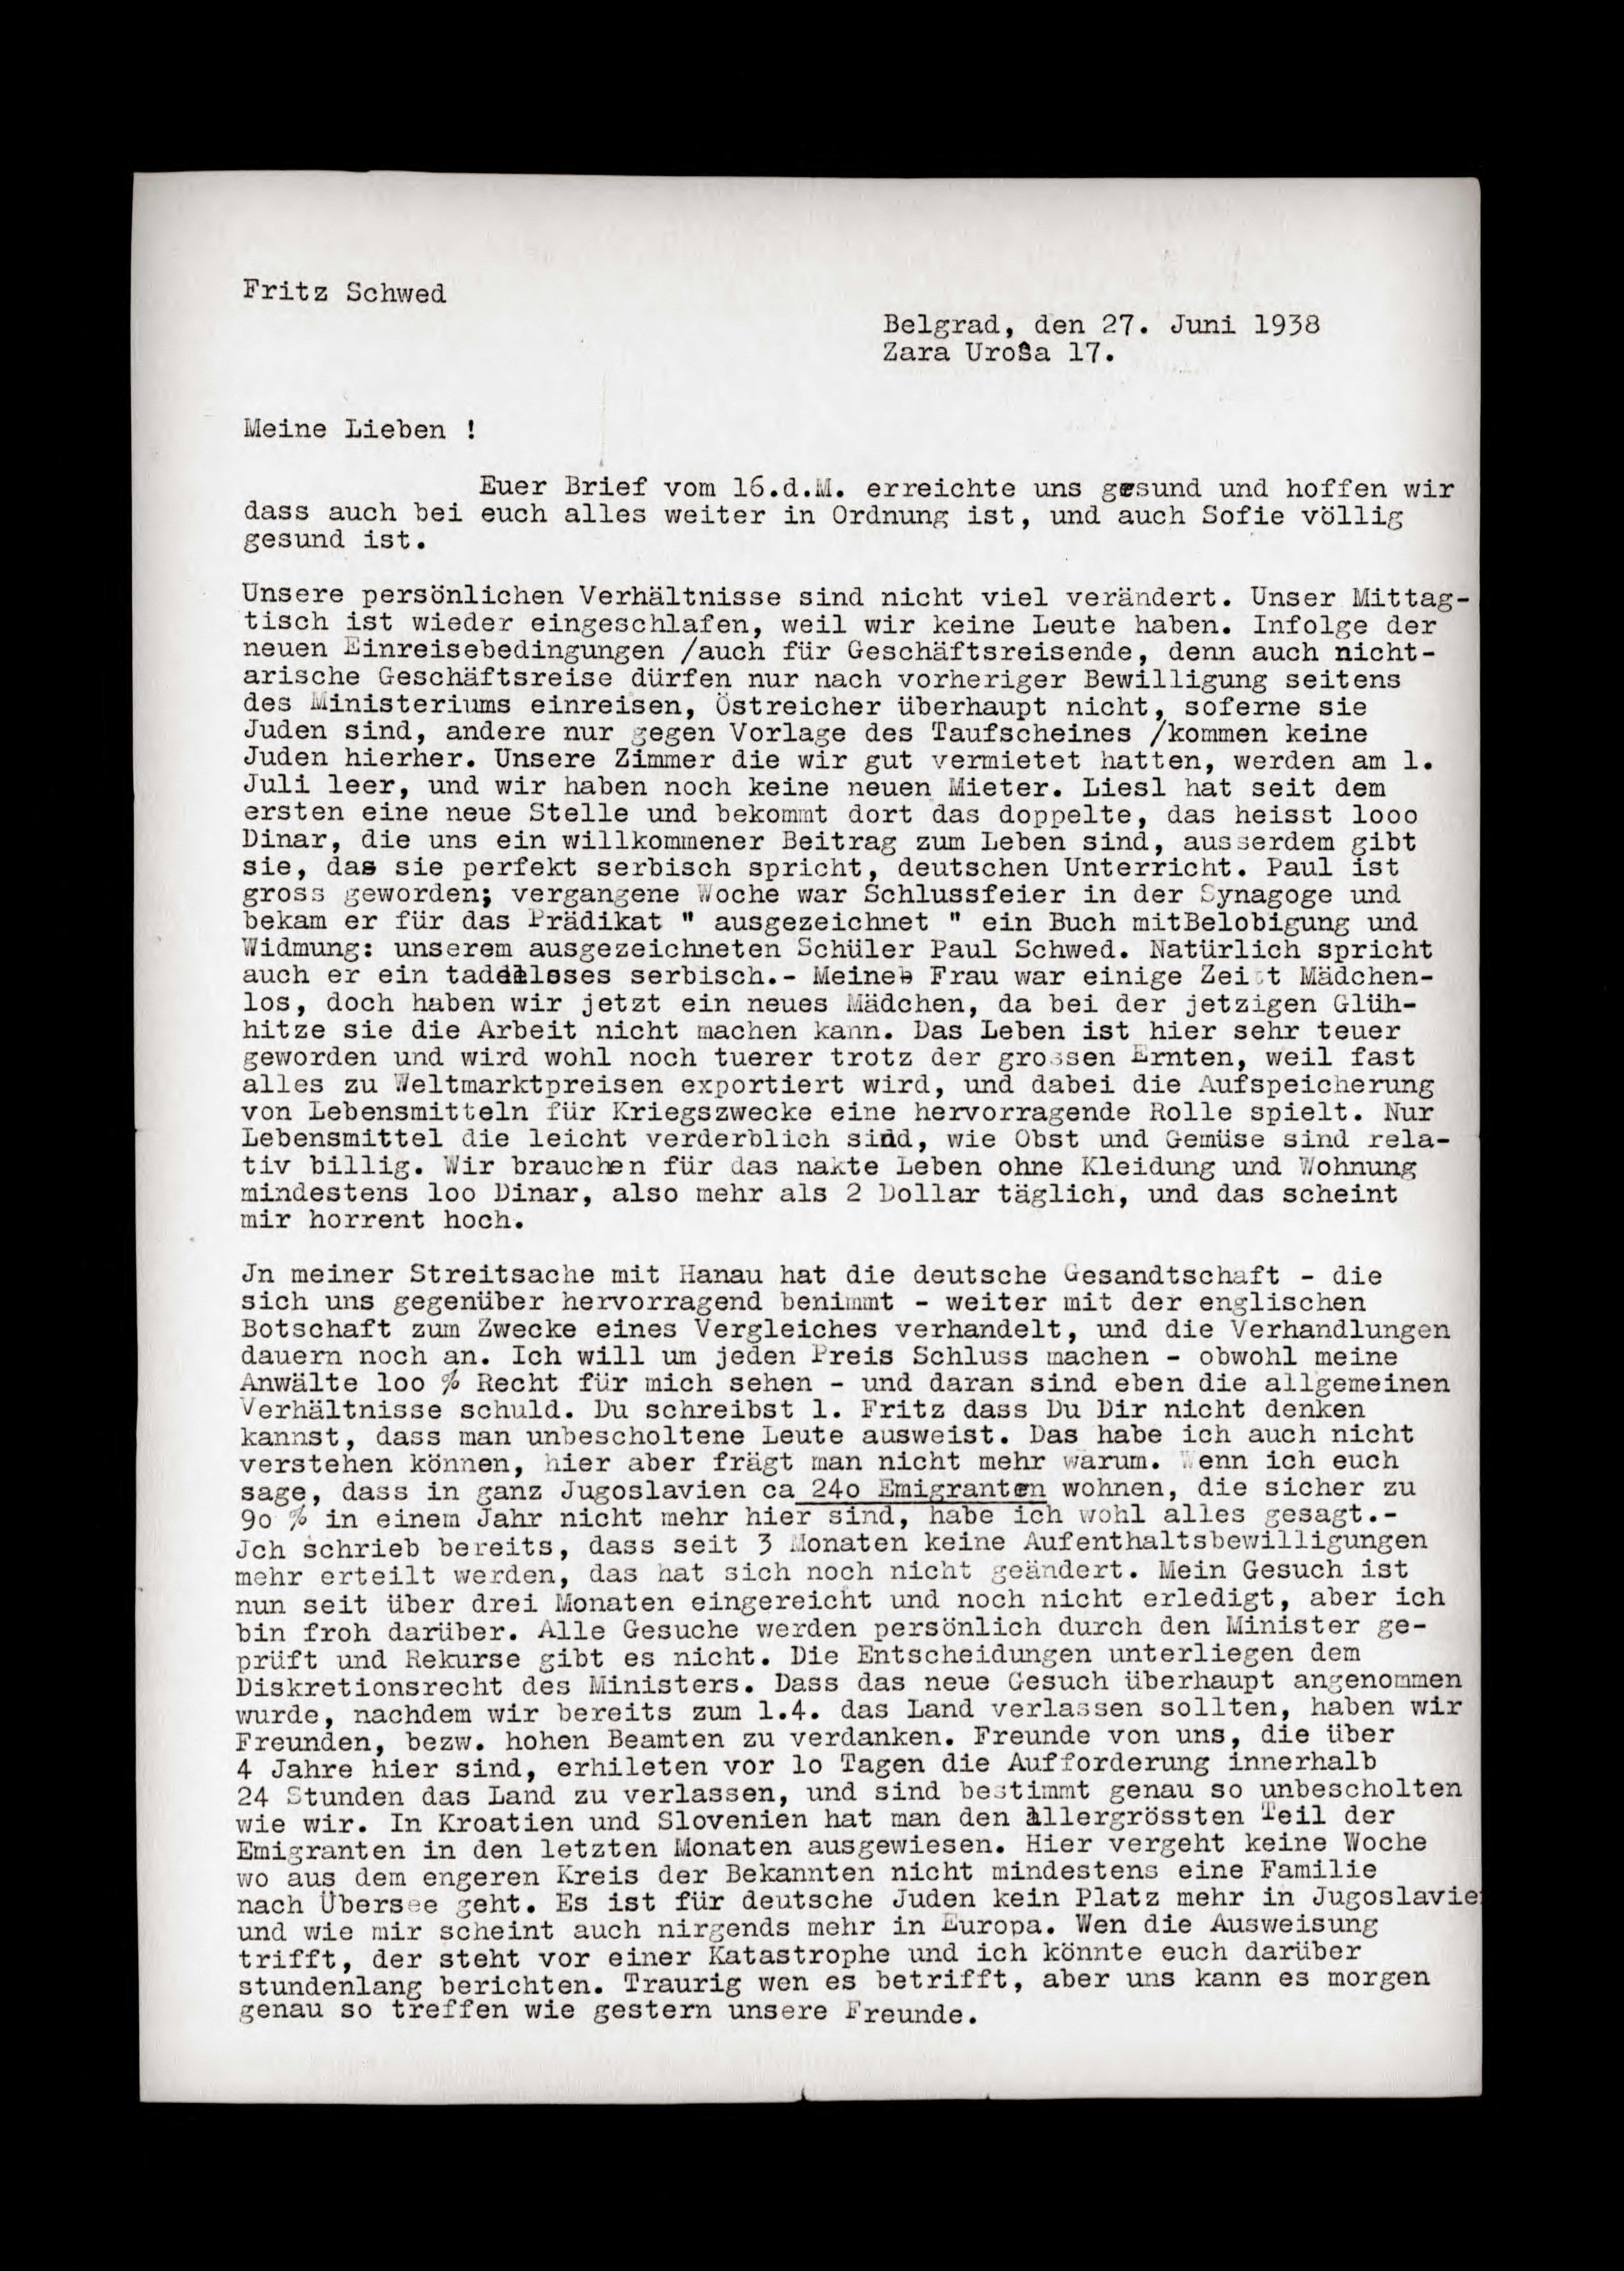 1938projekt Ausweisung Binnen 24 Stunden